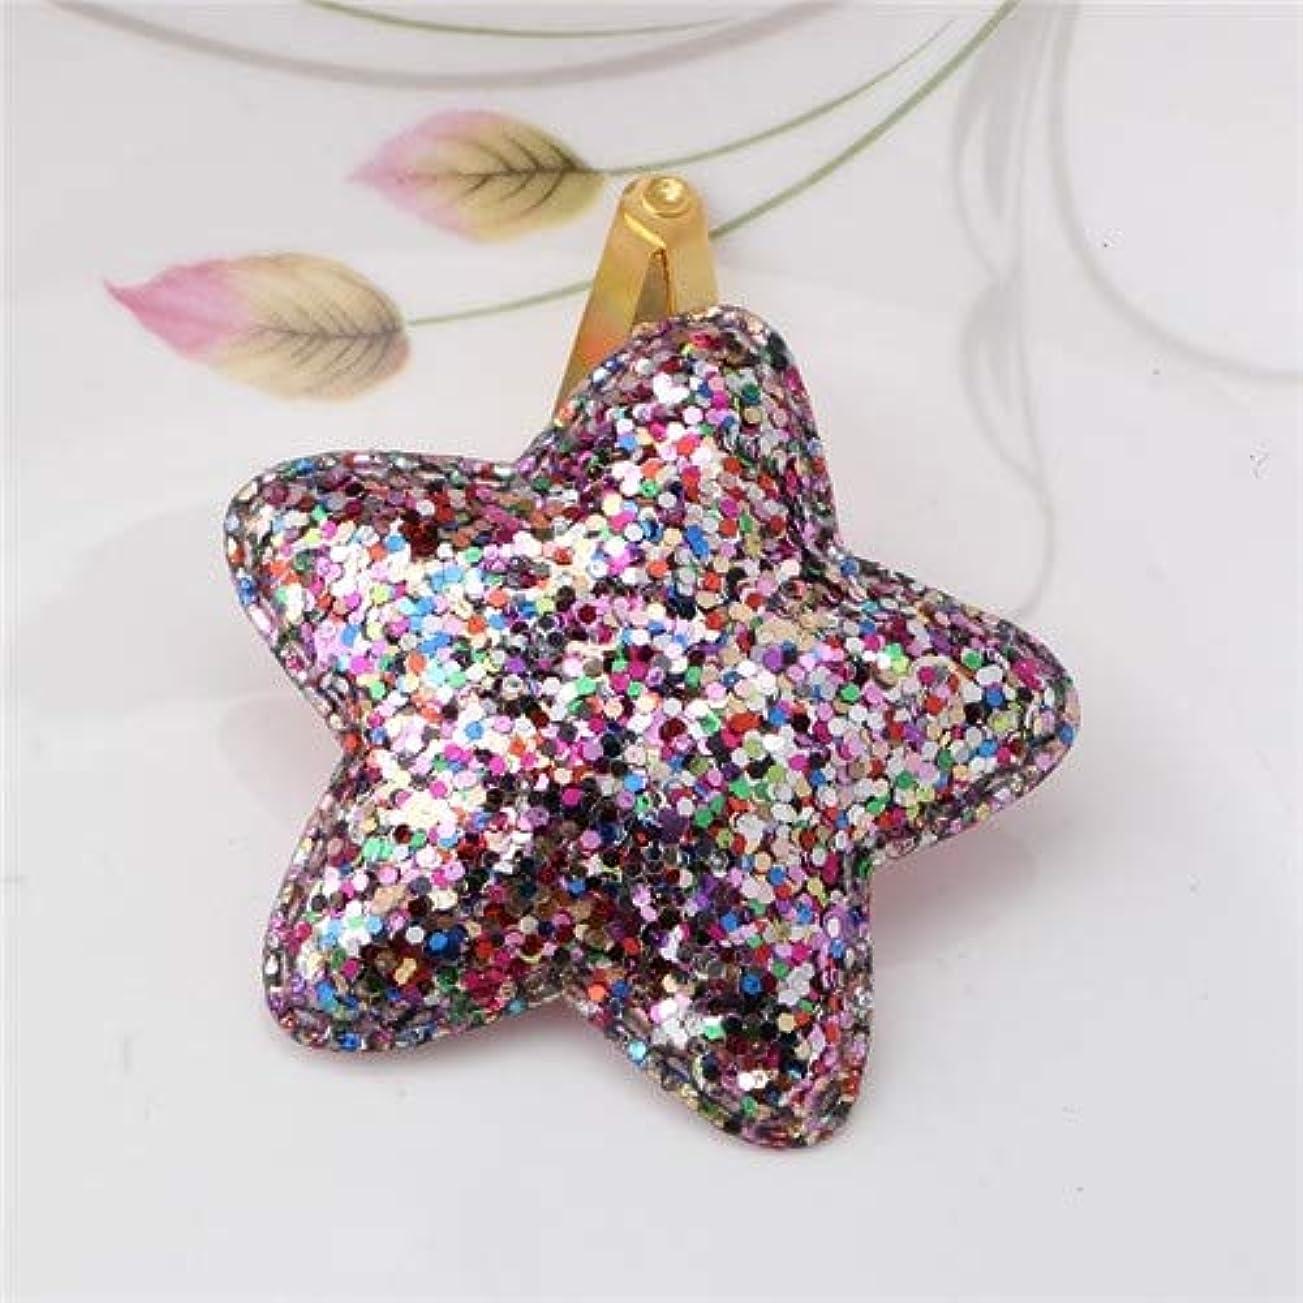 夢詩部族Hairpinheair YHM 2個メタルカラー子供シャイニーヘアグリップベビーヘアピンガールズヘアアクセサリー、サイズ:4.7cm(ピンクバタフライ) (色 : Colorful Star)